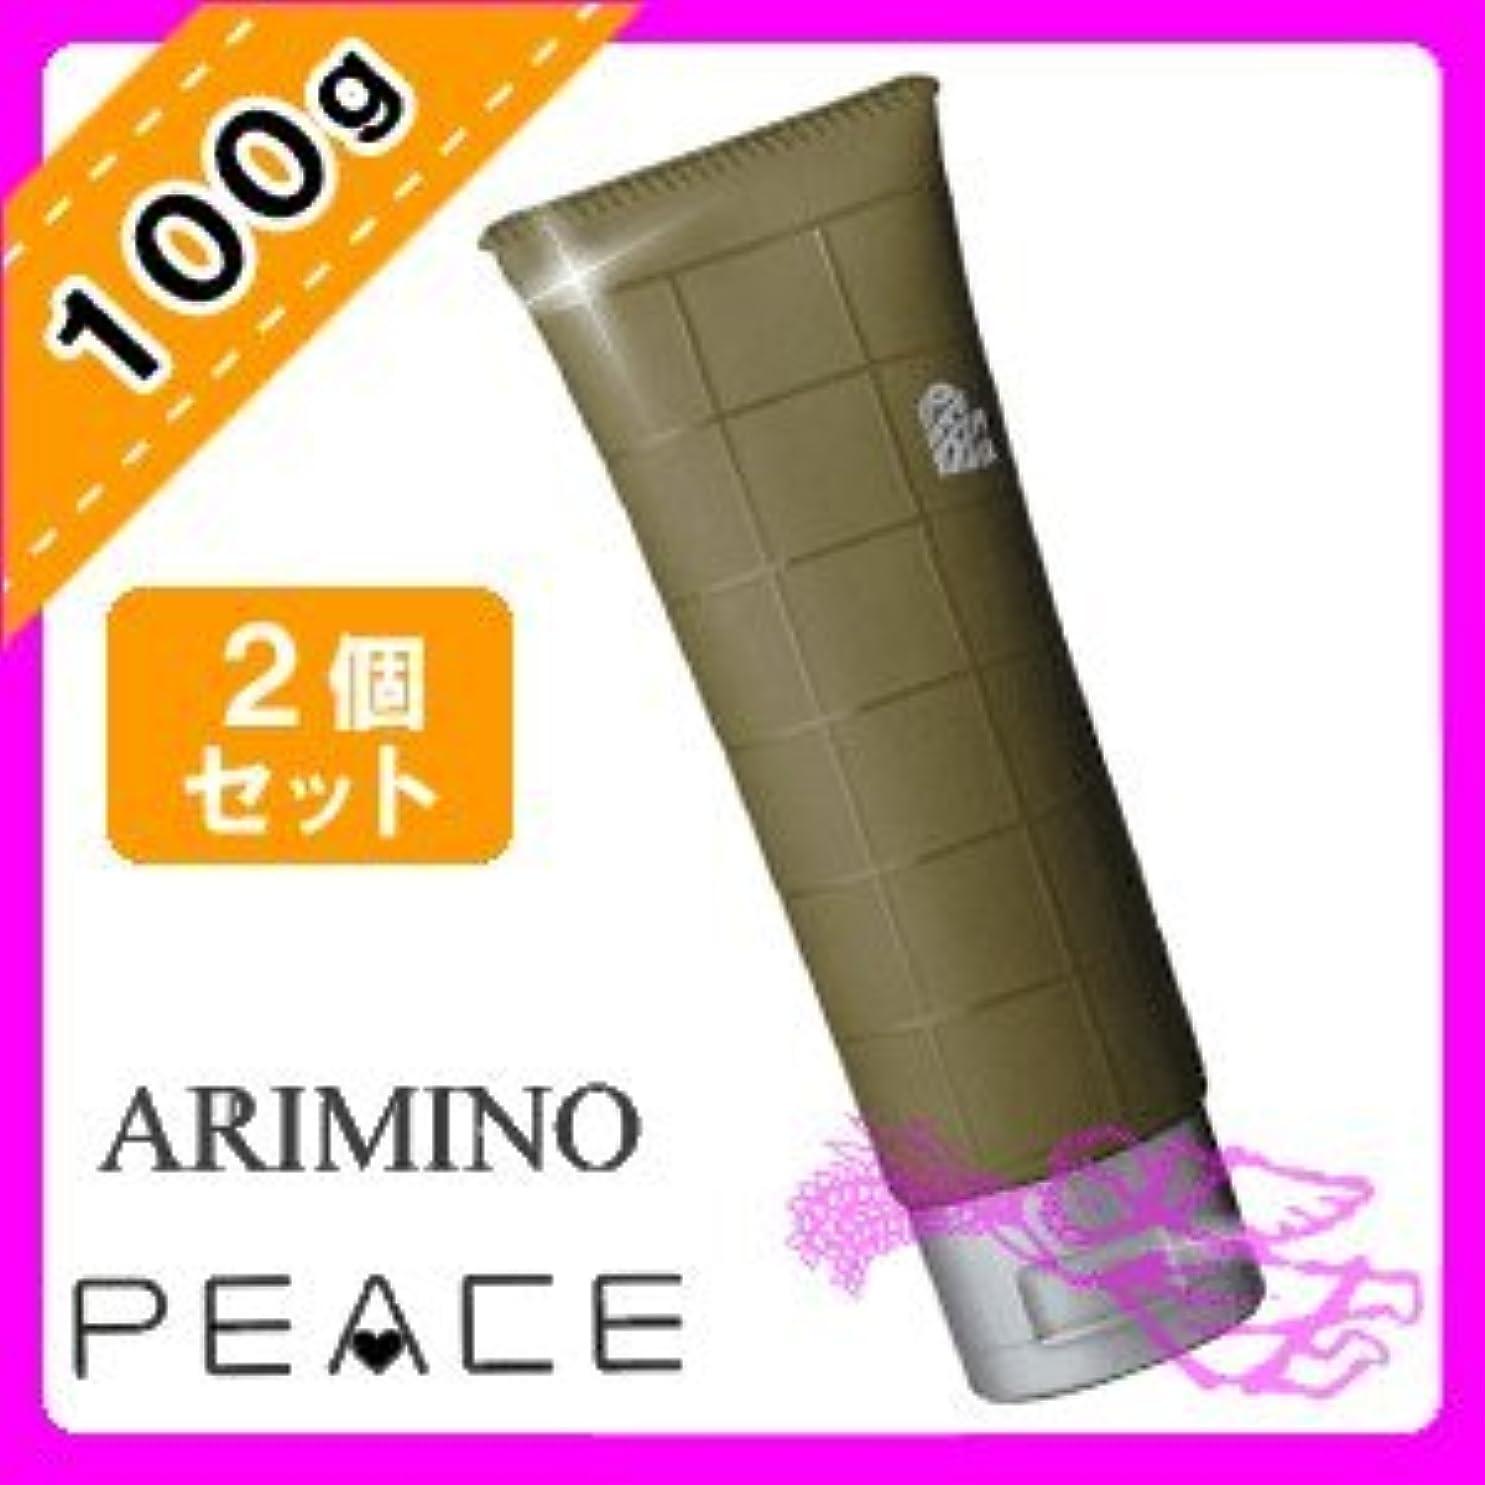 きらめくホールド気候の山アリミノ ピース ウェットオイル ワックス 100g ×2個セット arimino PEACE